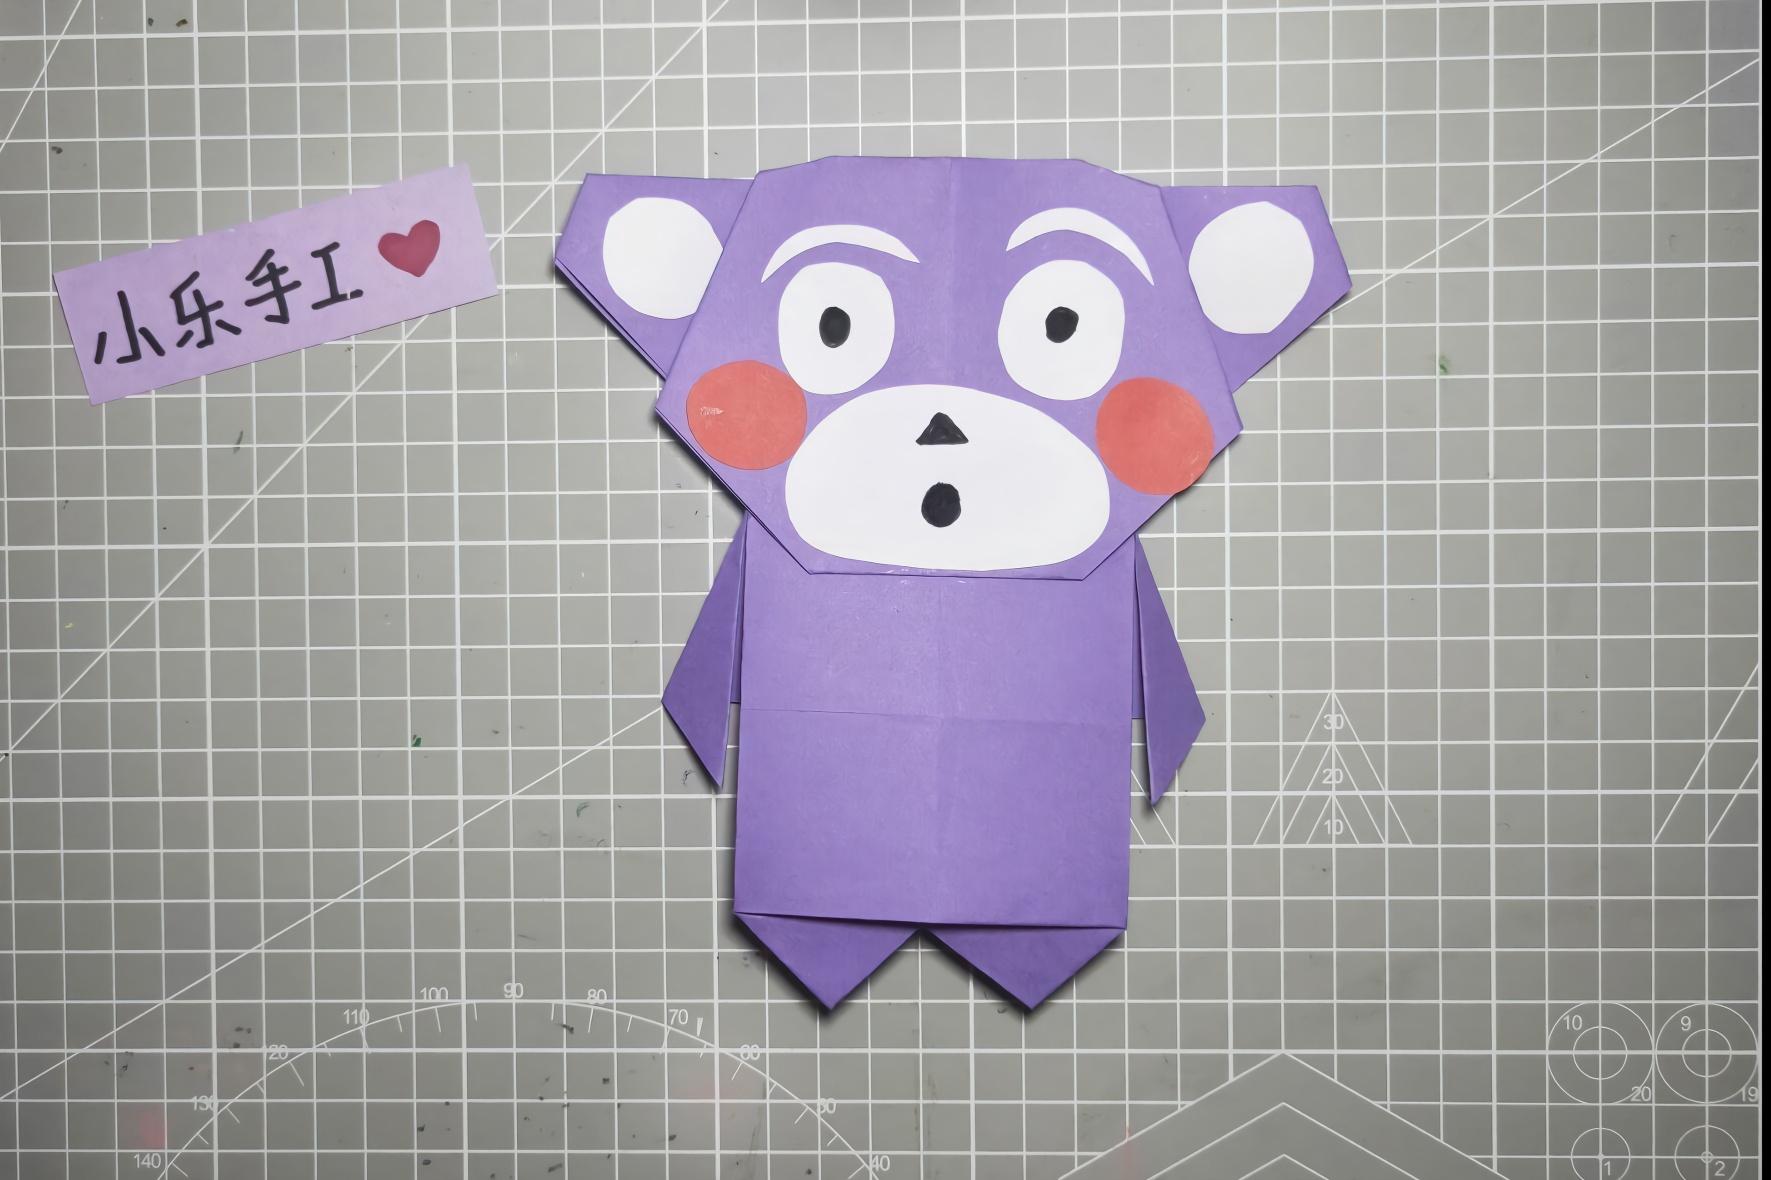 小乐创意手工diy,熊本熊的手工教程